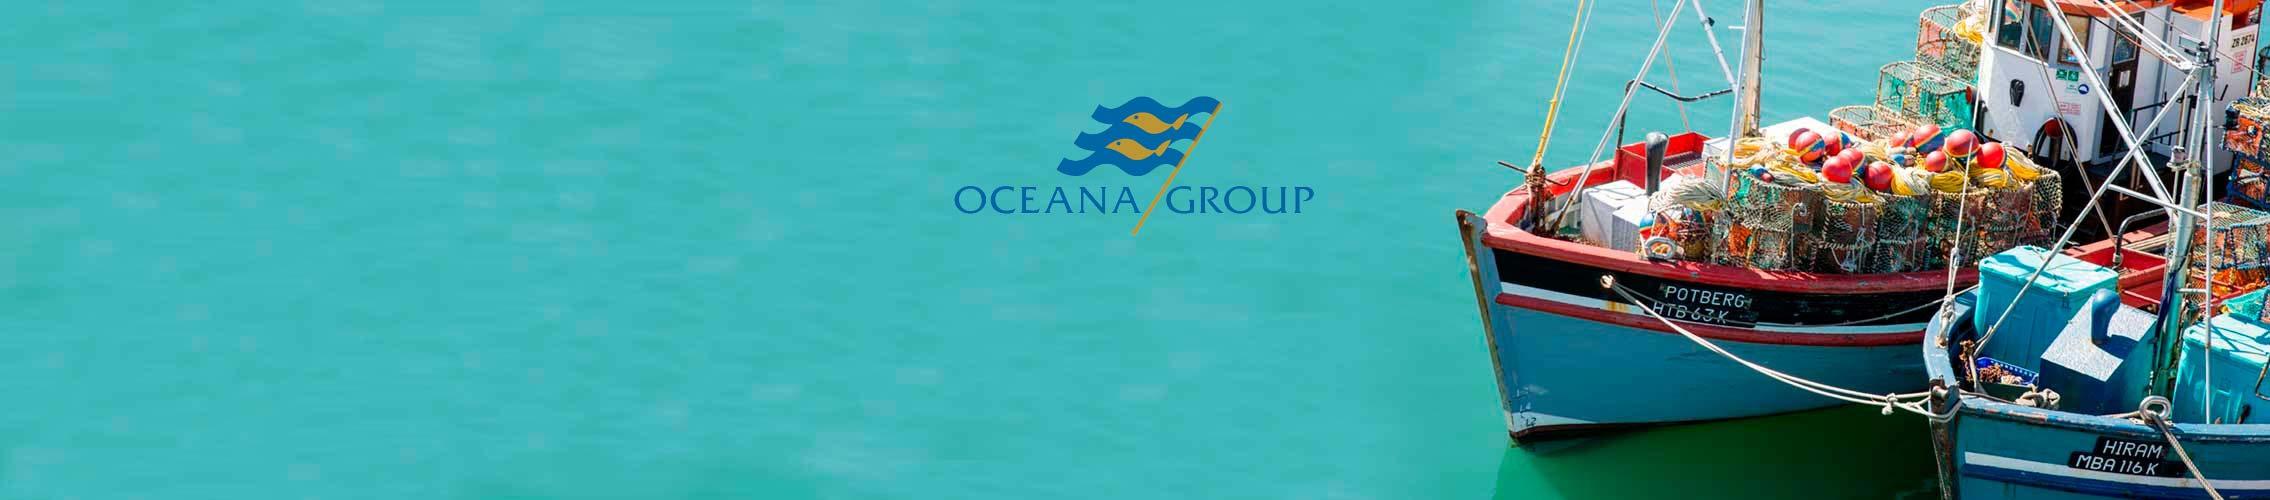 Oceana banner 1